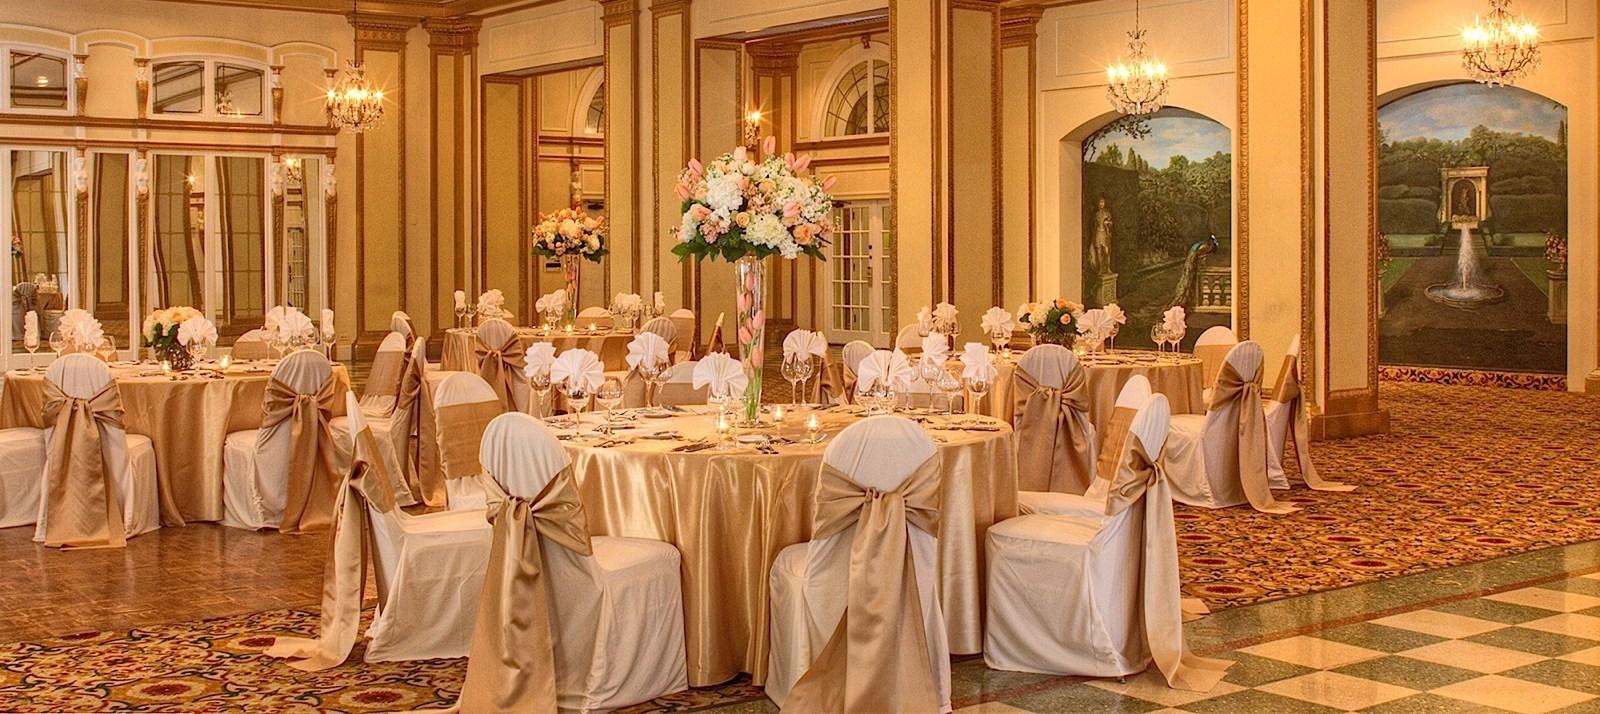 Top 3 Indoor Wedding Venues In Memphis